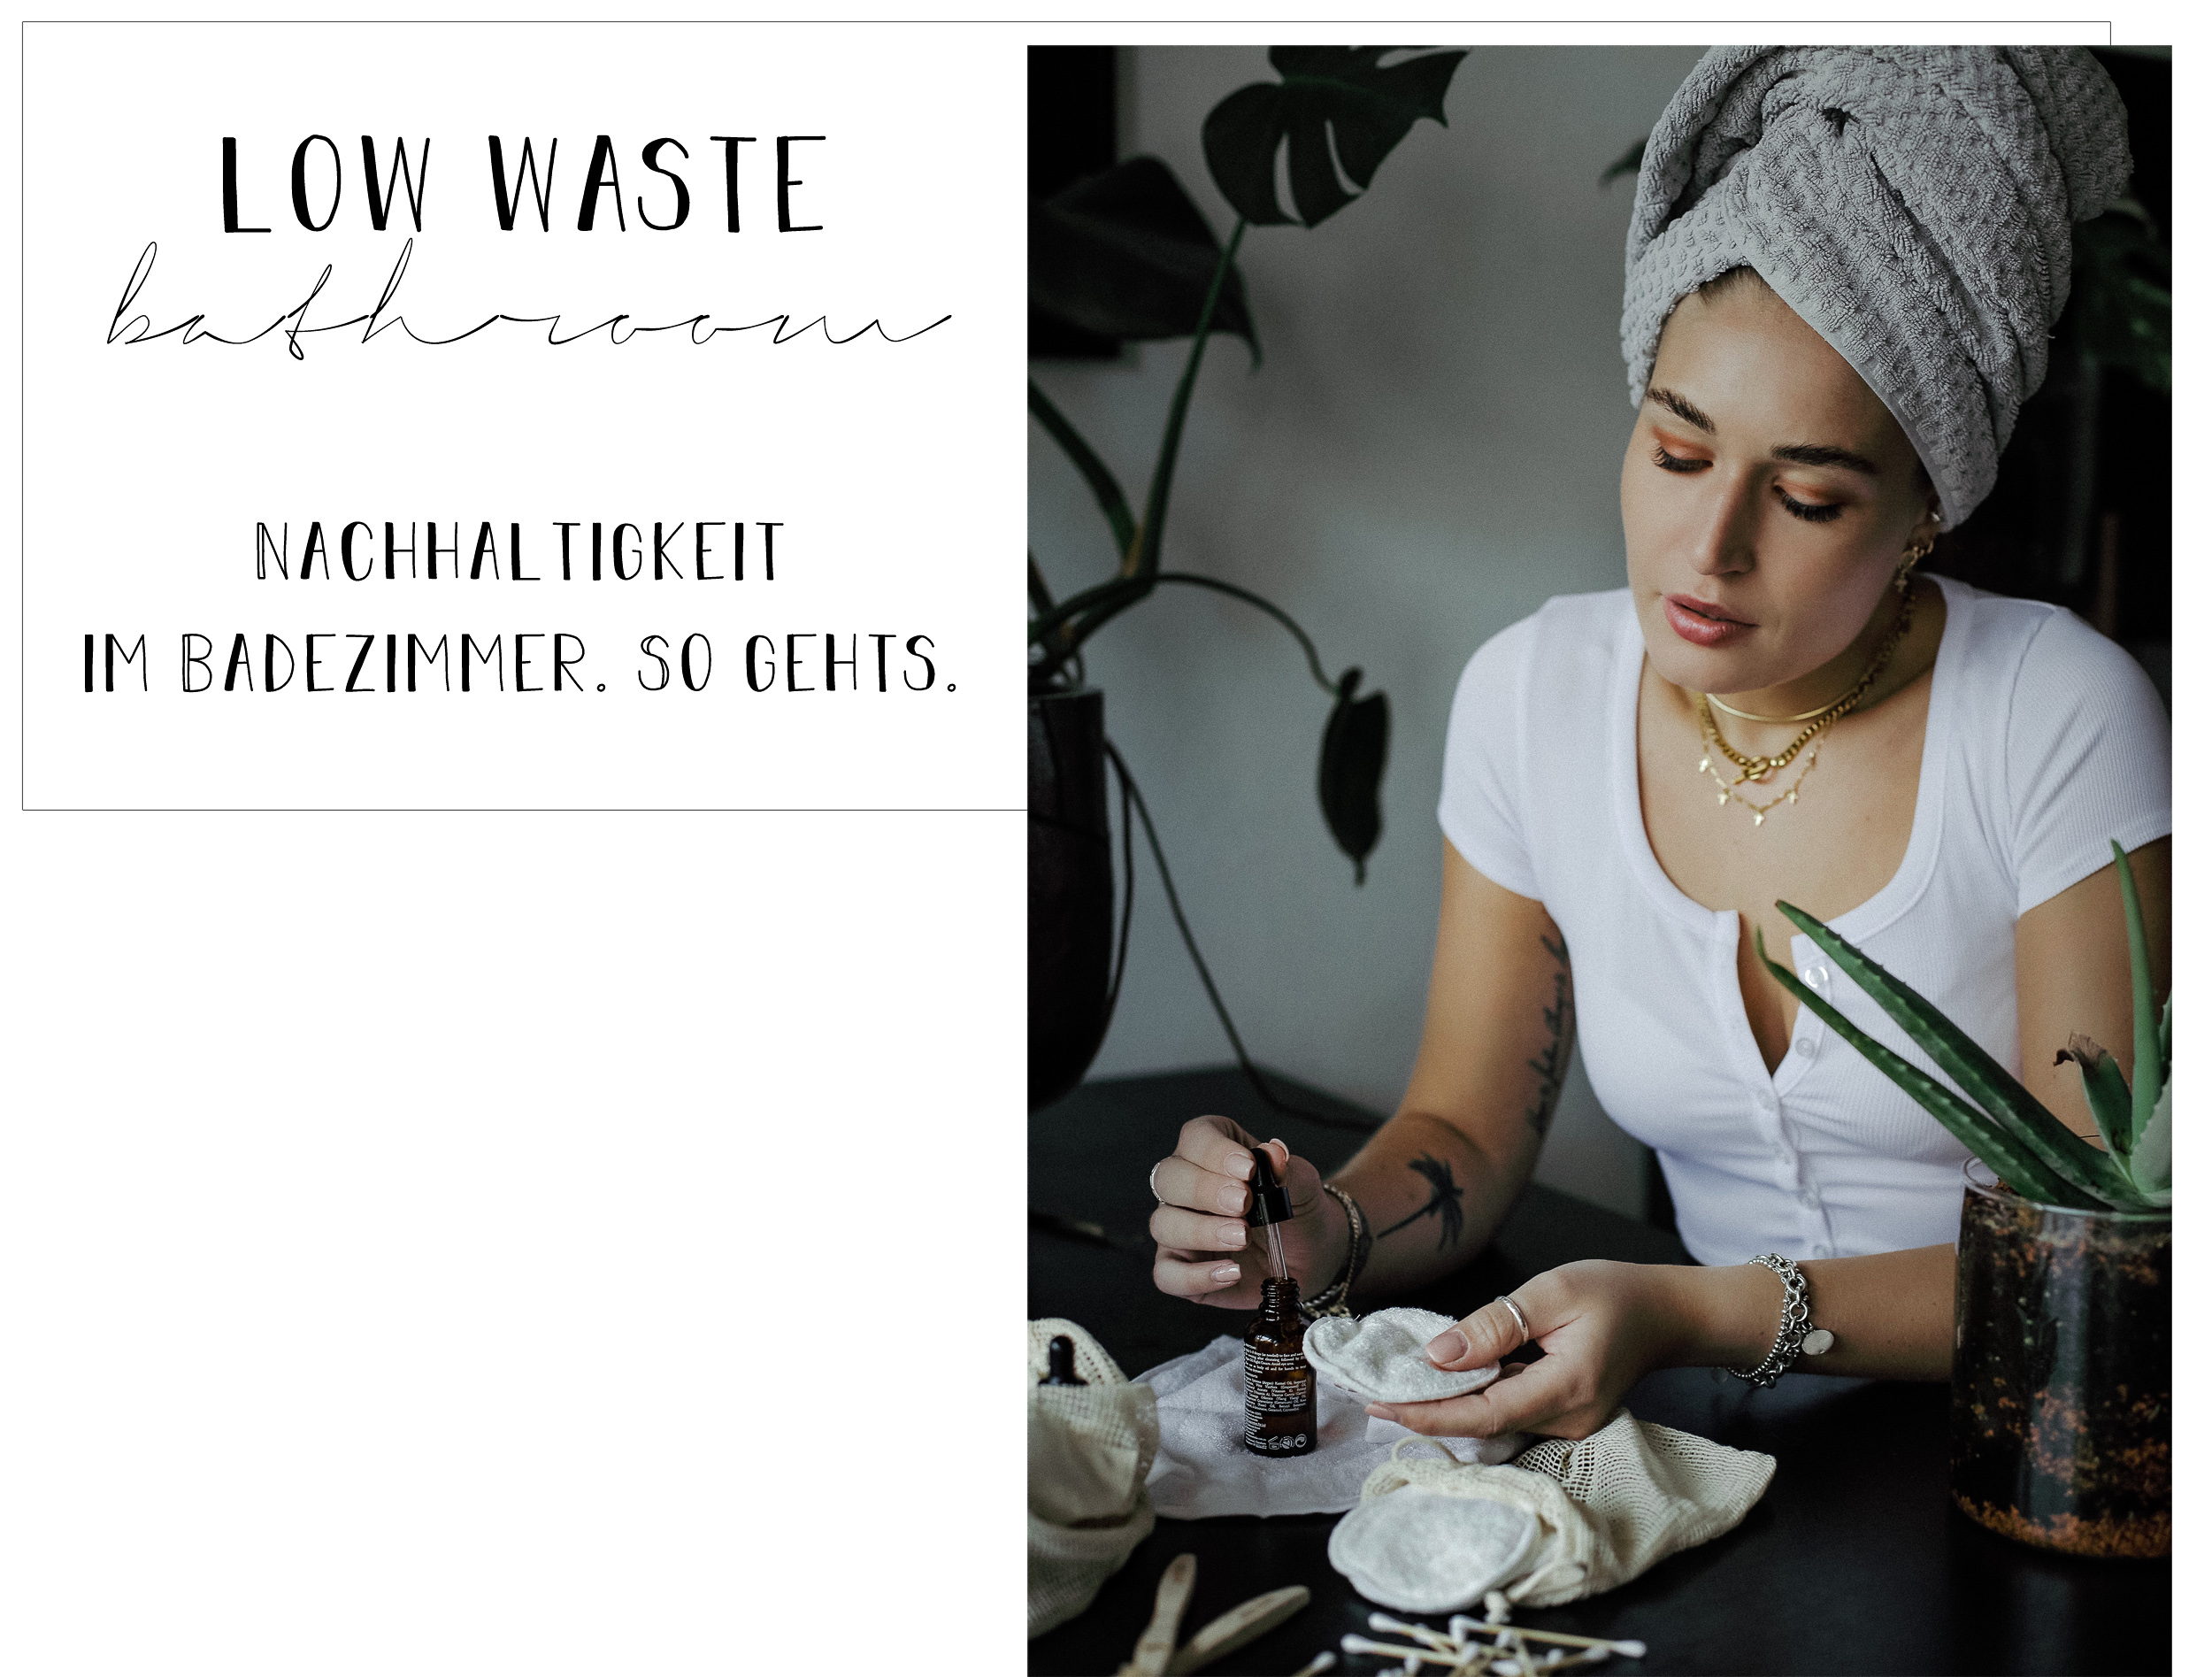 Pandoo Nachhaltigkeit Nachhaltig Low Waste Badezimmer Sustainable Nachhaltig Leben Bathroom Platikfrei Interior Lauralamode Berlin Munich Blogger